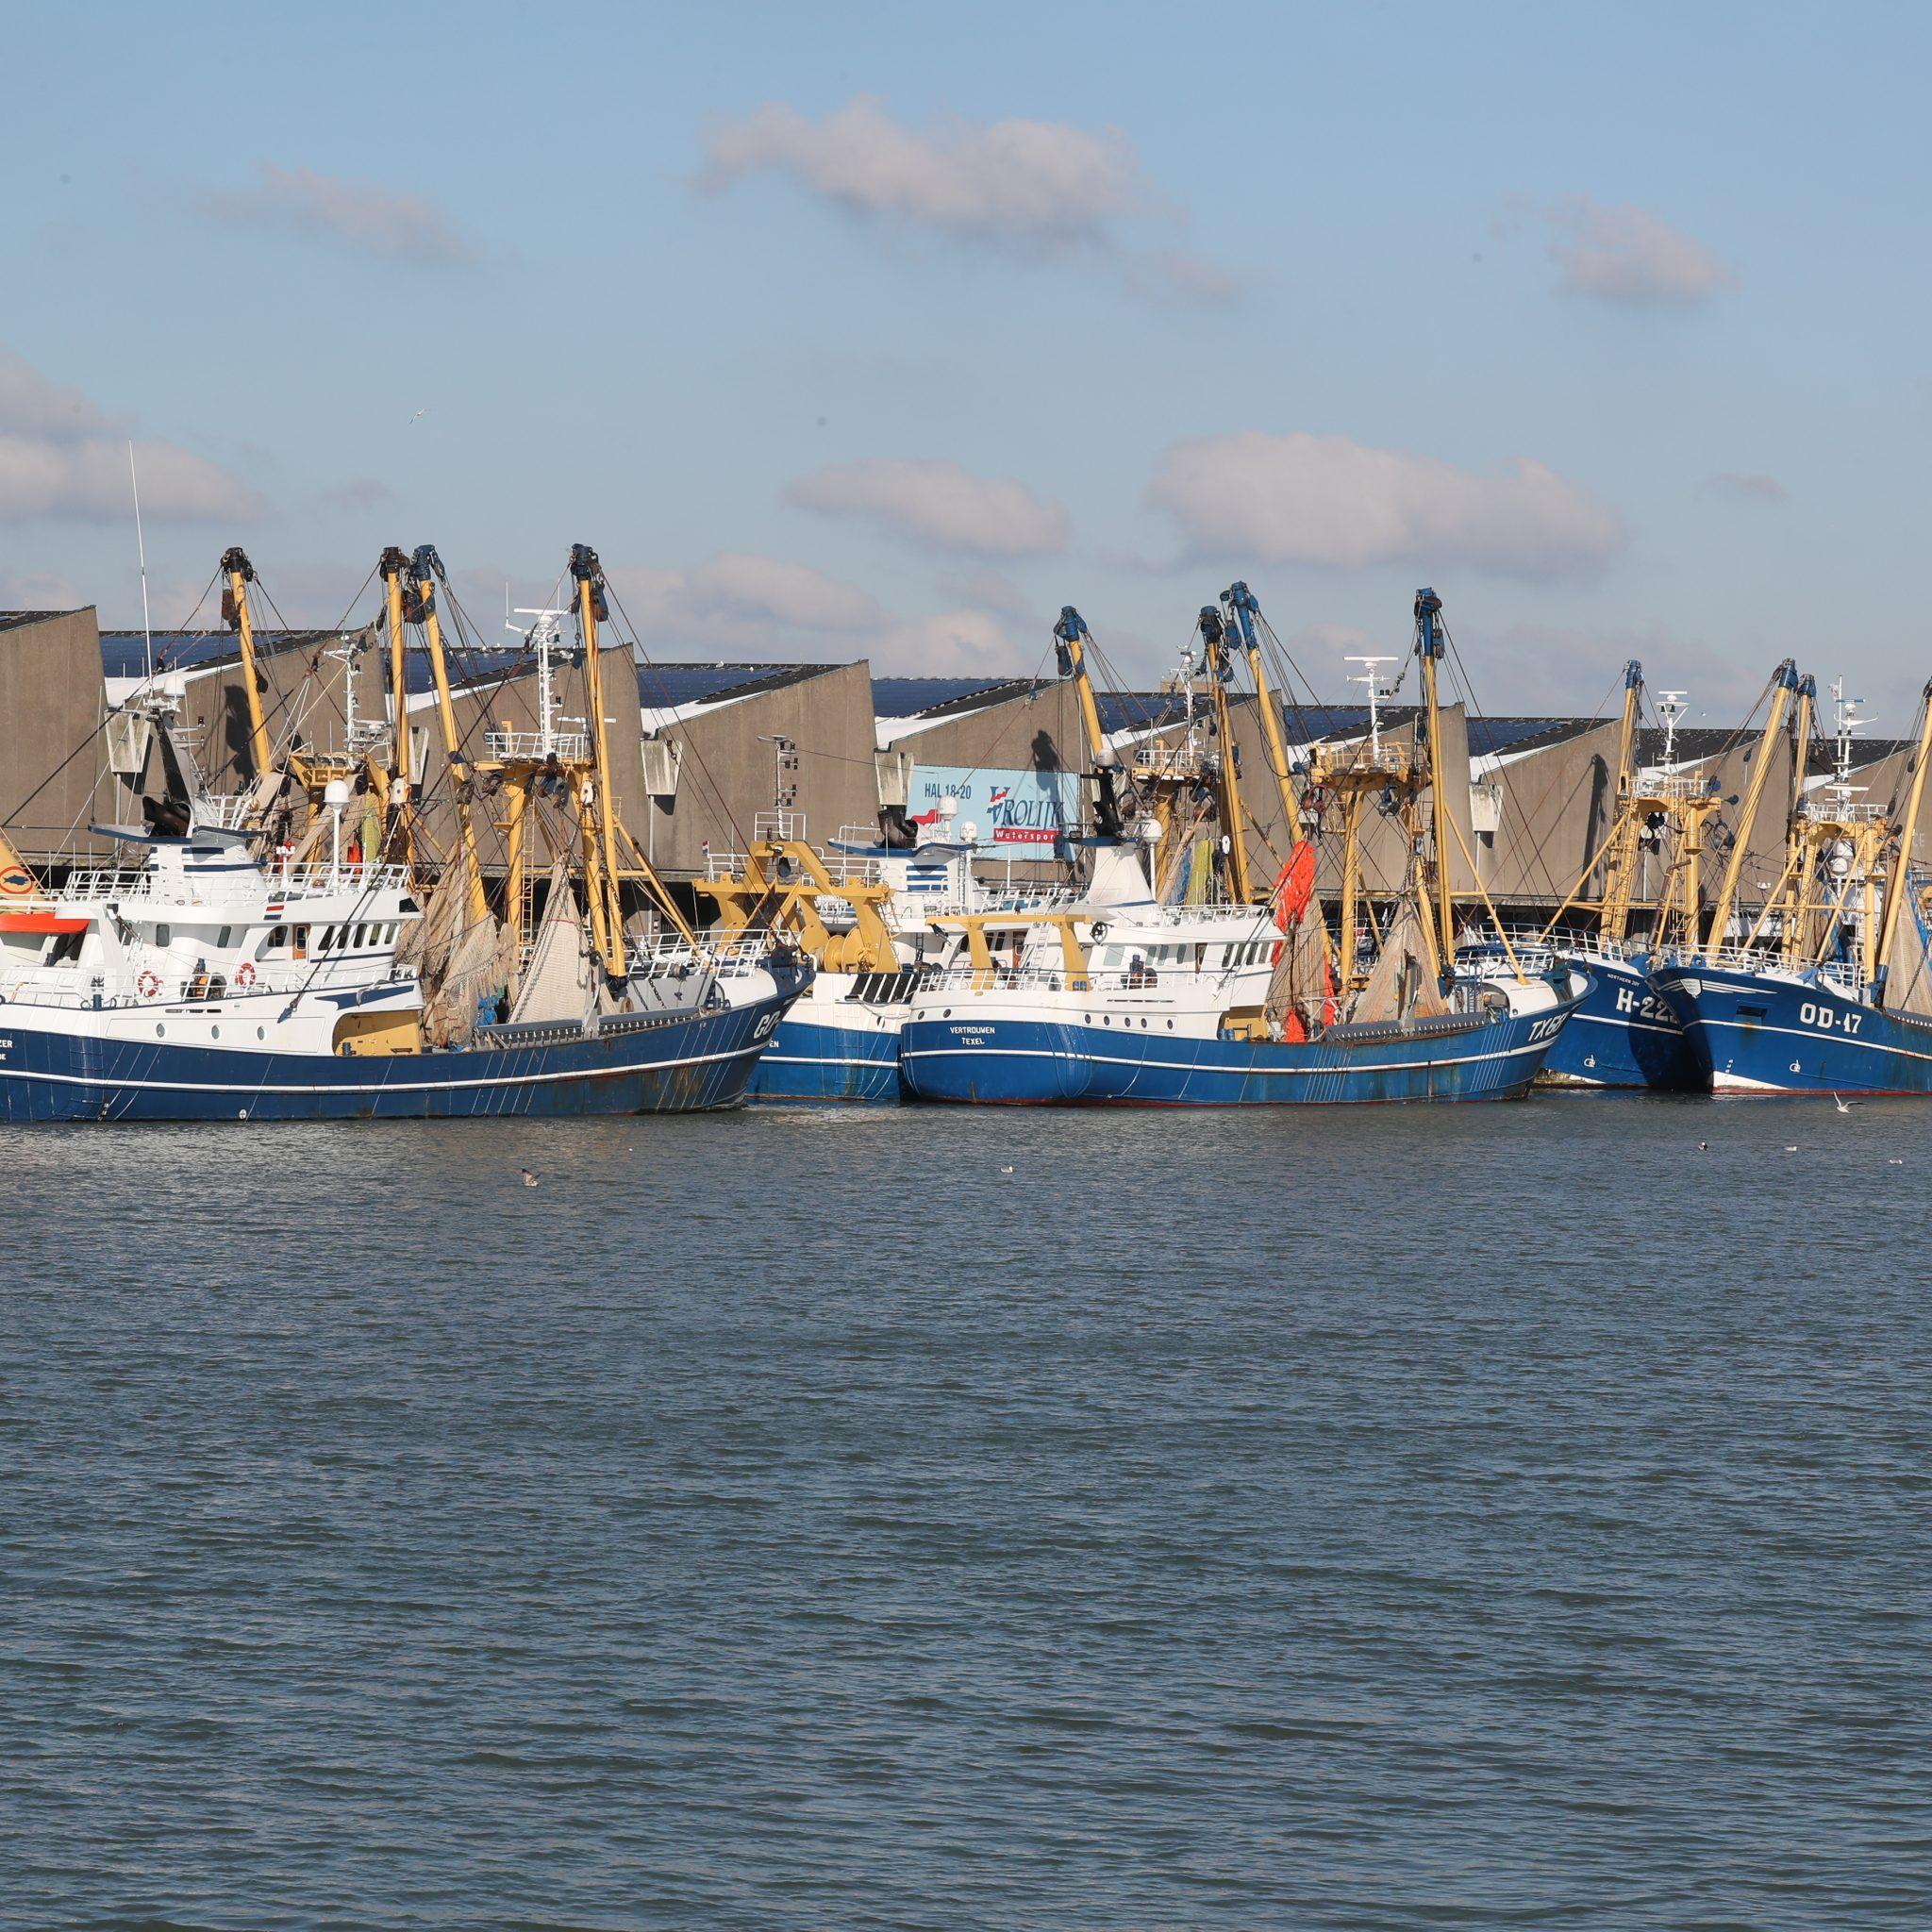 Een deel van de kottervloot uit Stellendam kiest voor Scheveningen vanwege het winterweer. Foto Bram Pronk